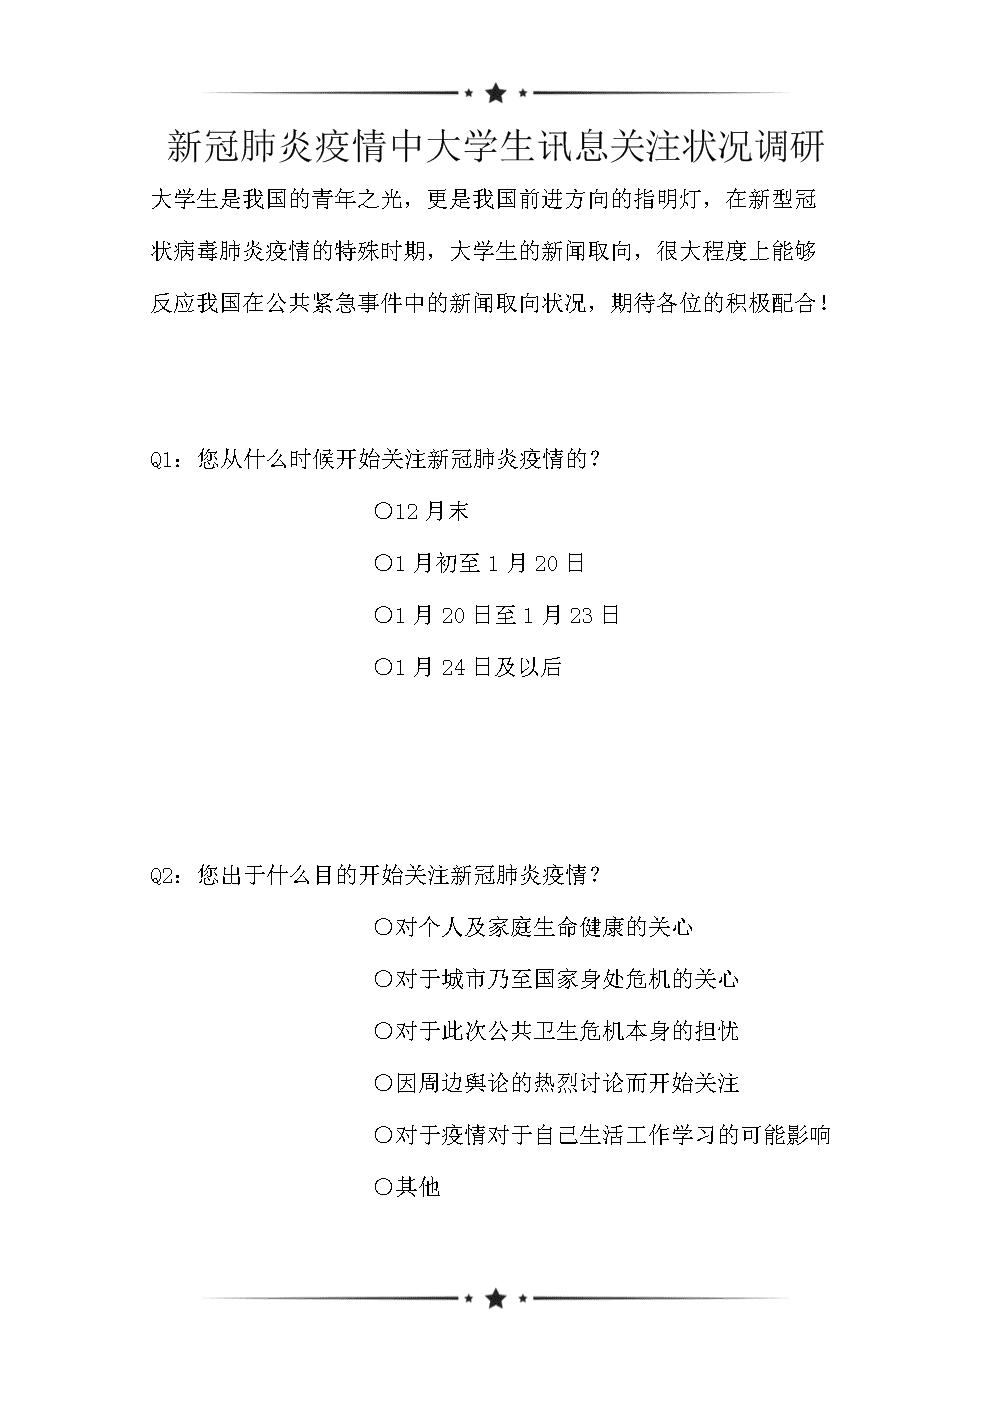 新冠肺炎疫情中大学生讯息关注状况调研(可编辑).doc